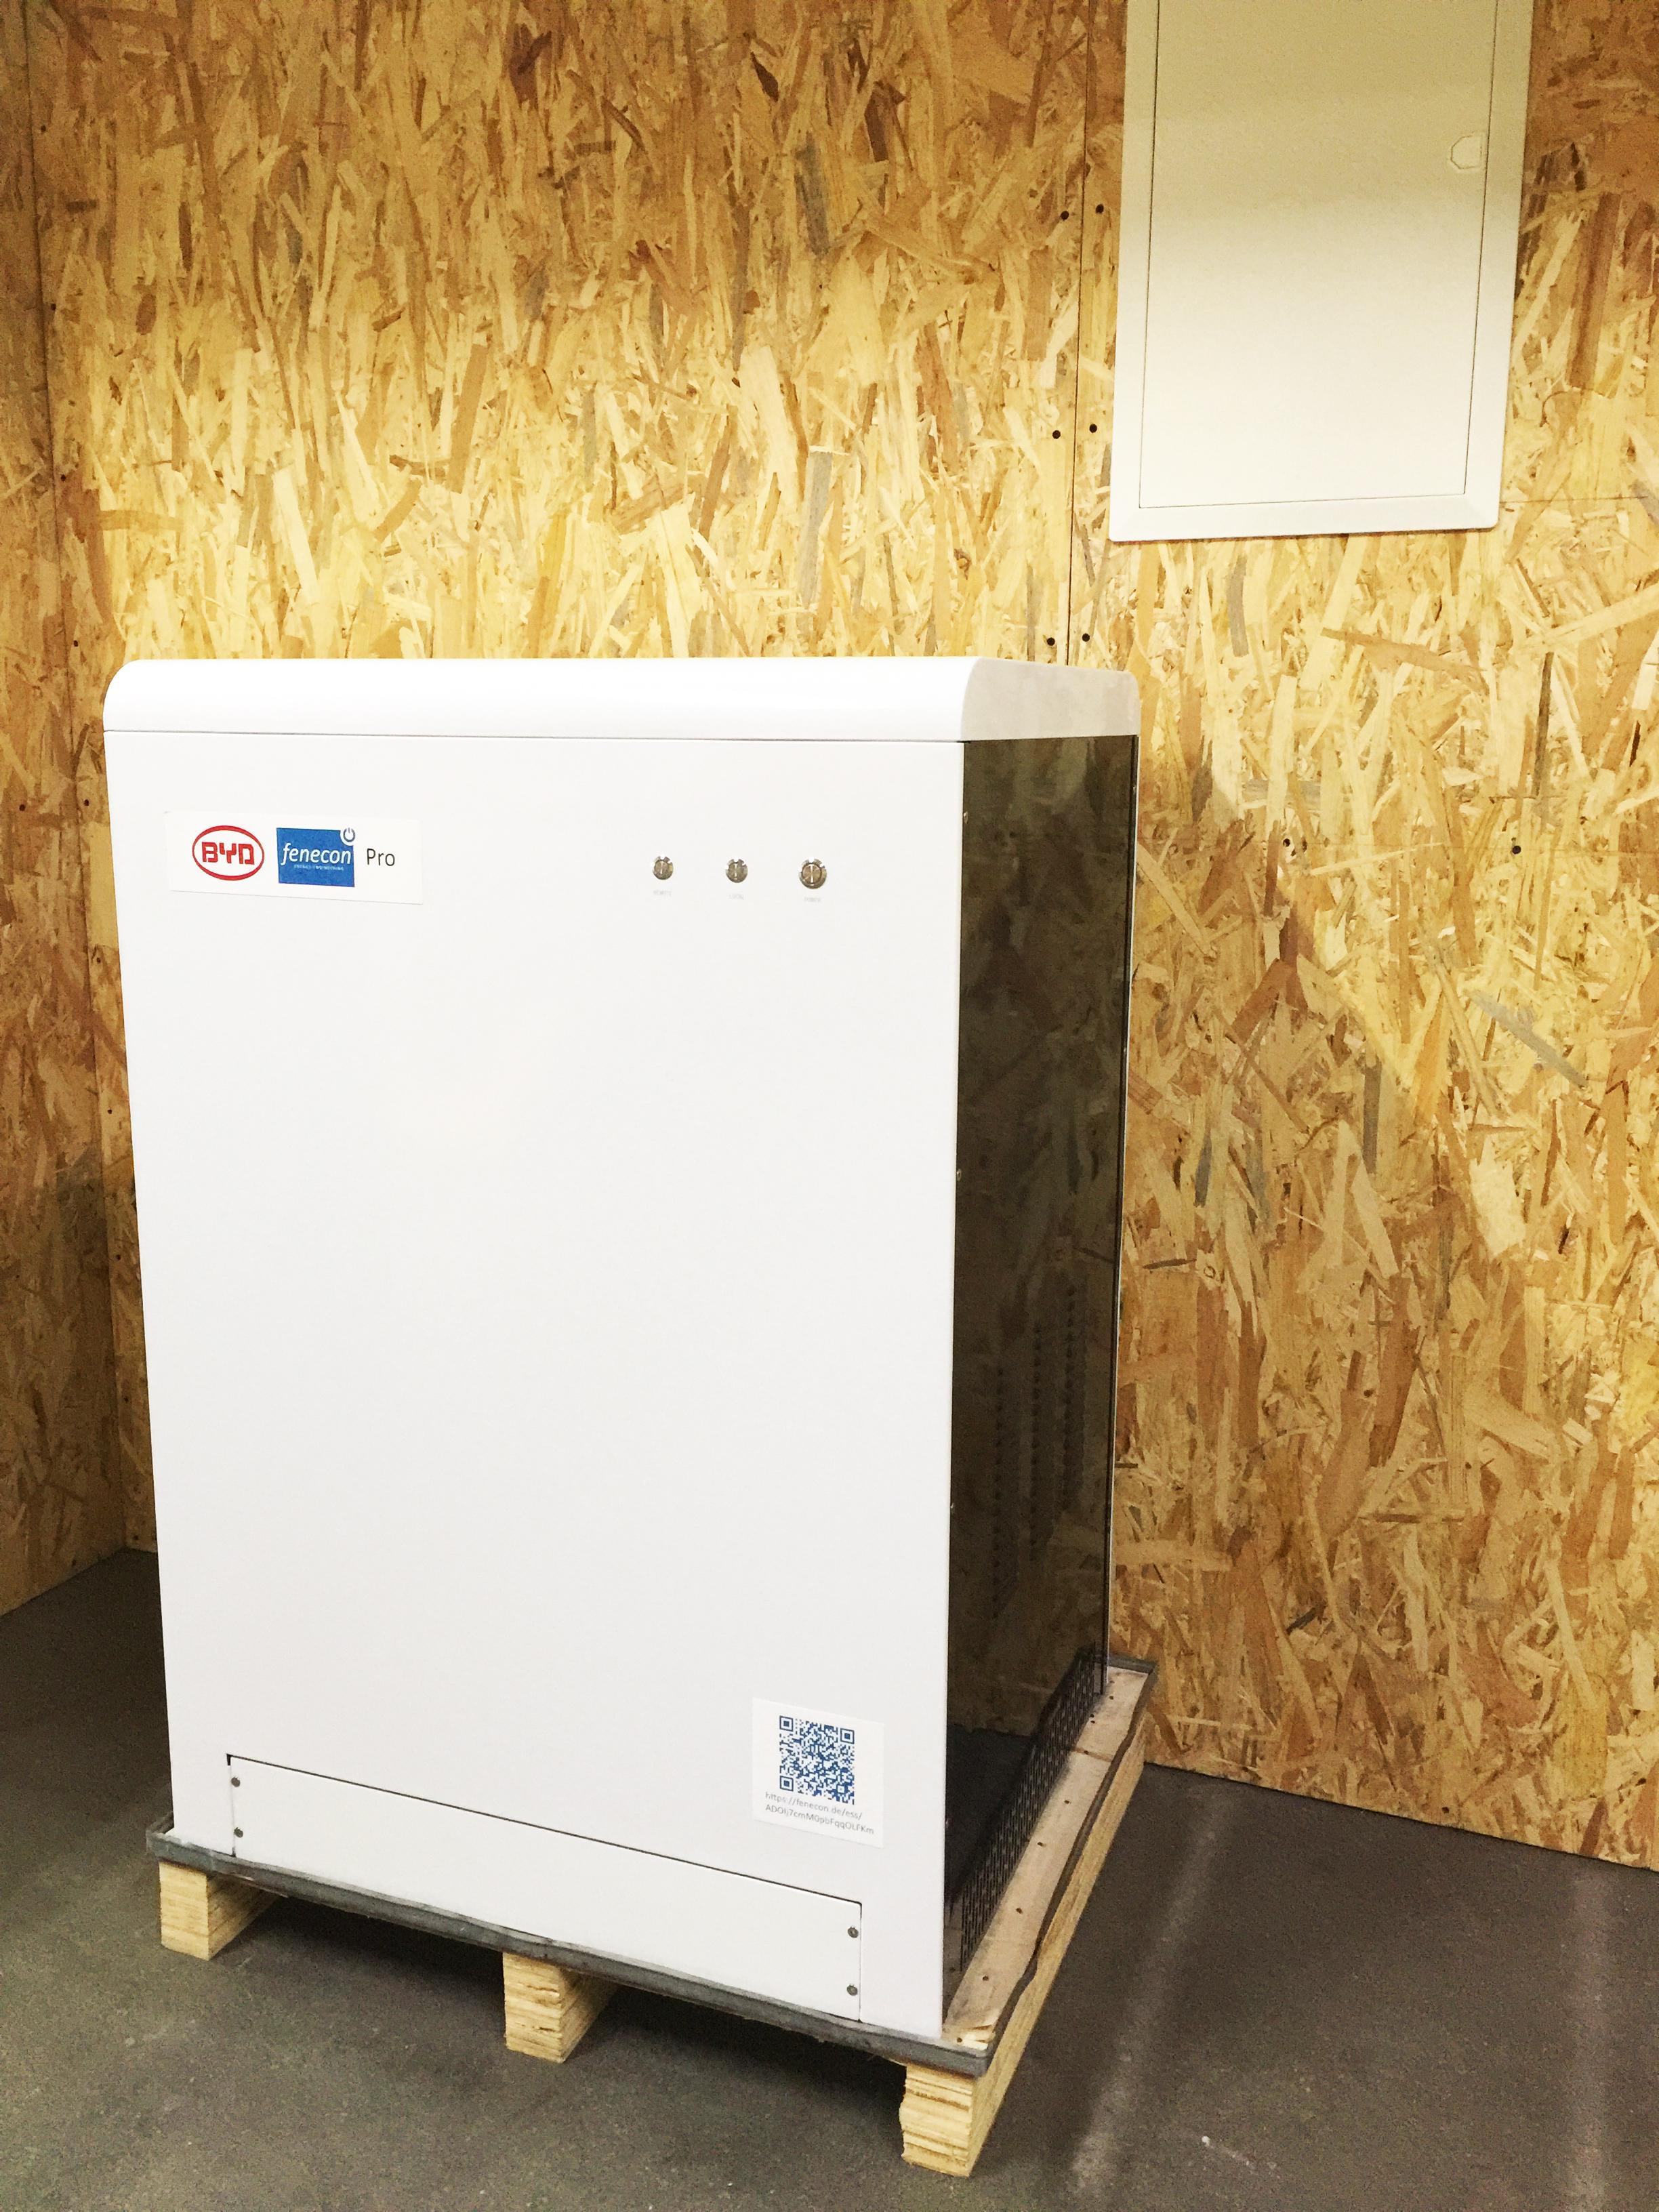 Dreiphasige Speicher von Fenecon sollen bald am Regelleistungsmarkt teilnehmen können. Dafür erhalten die Betreiber 1.000 Kilowattstunden Strom im Jahr umsonst. Foto: Fenecon GmbH & Co. KG